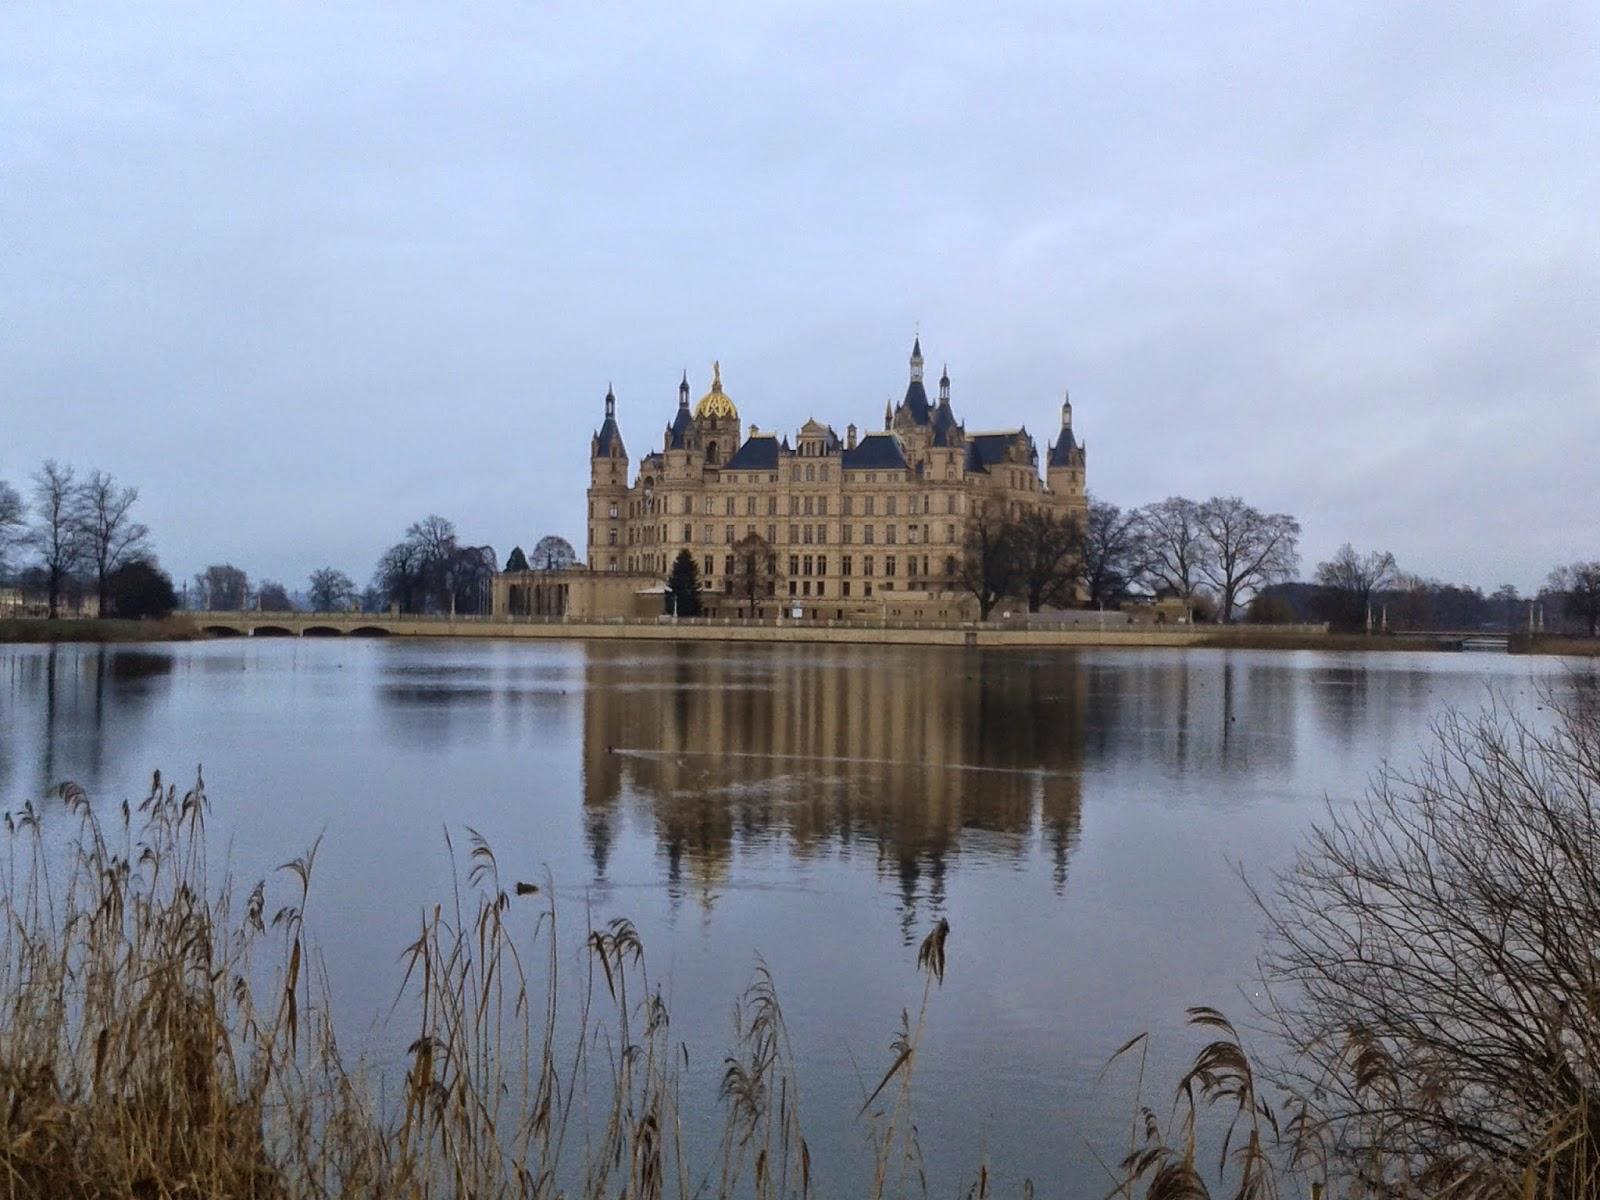 Das Schloss Schwerin hinter dem Burgsee